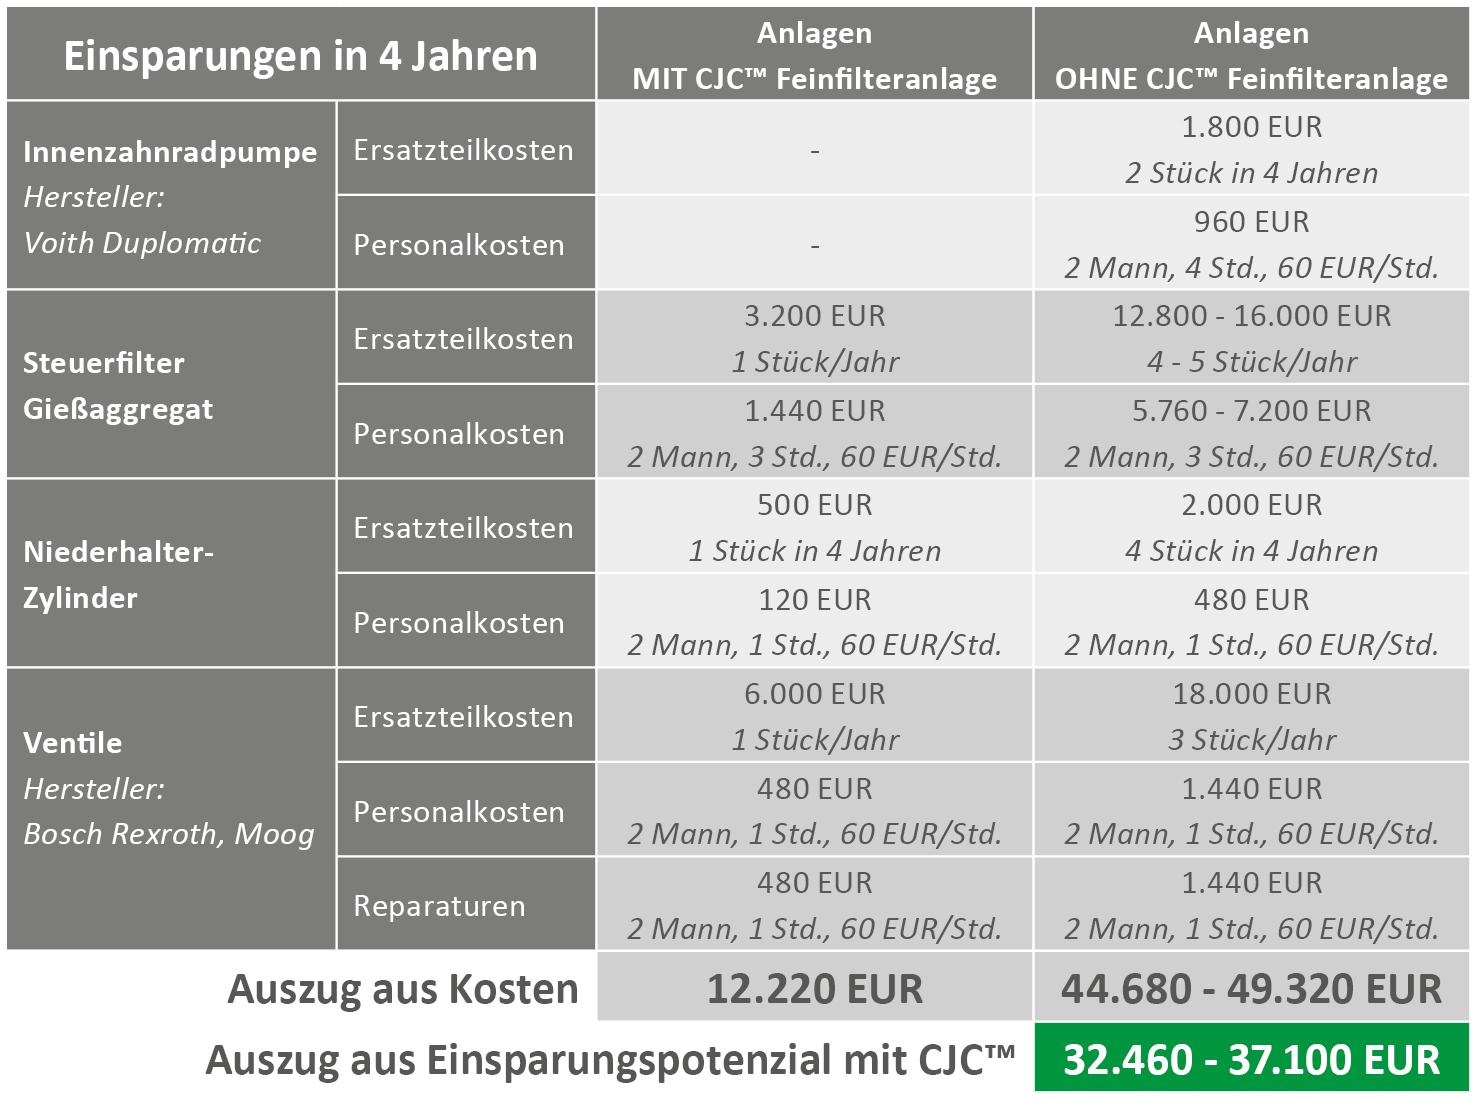 Einsparpotential durch Pflege von HFC-Fluid (Auszug)